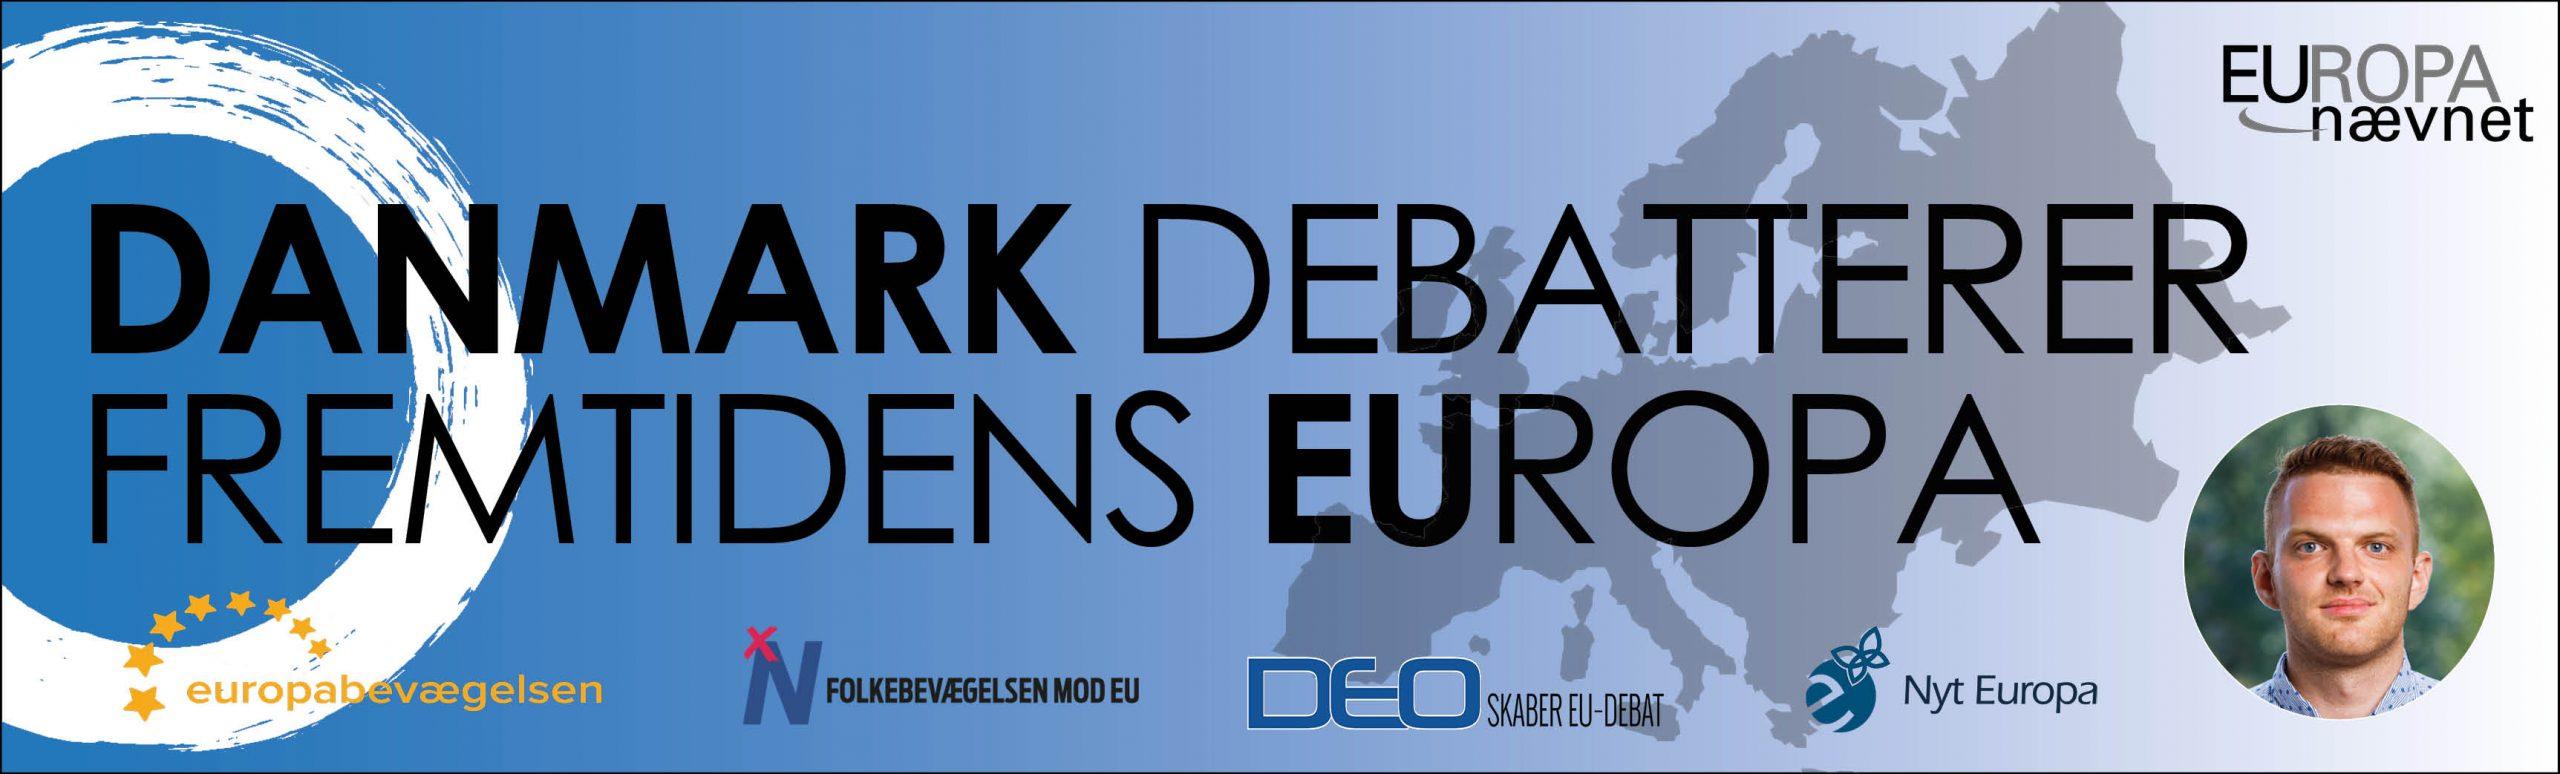 Hvordan ser fremtidens Europa ud? - Europabevægelsen